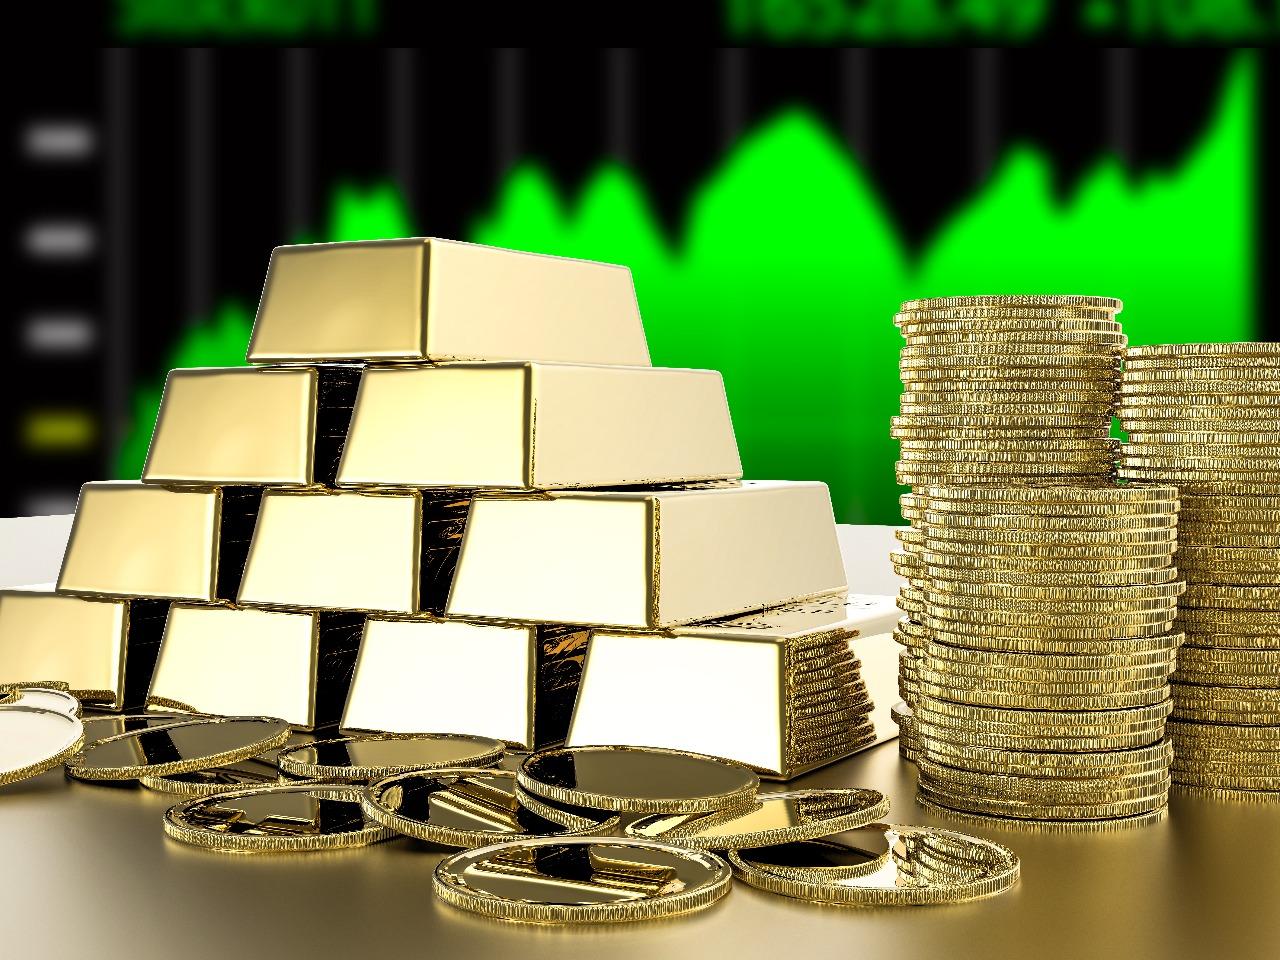 https: img.okeinfo.net content 2019 01 12 320 2003474 bursa-saham-lesu-harga-emas-berjangka-naik-ICpAaBbJIQ.jpg